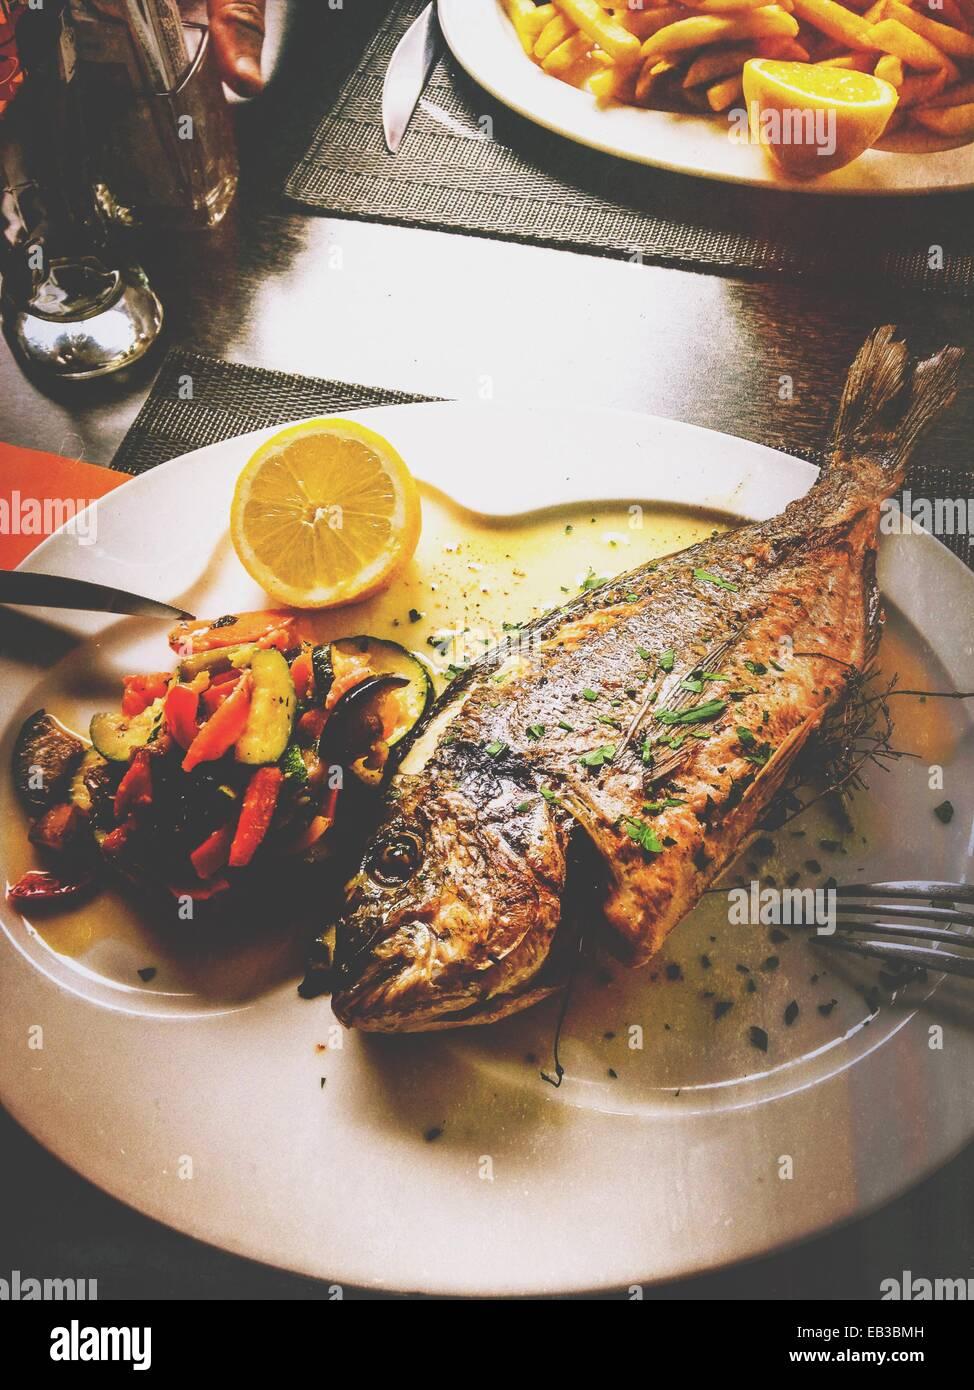 Pescado asado con verduras asadas Imagen De Stock